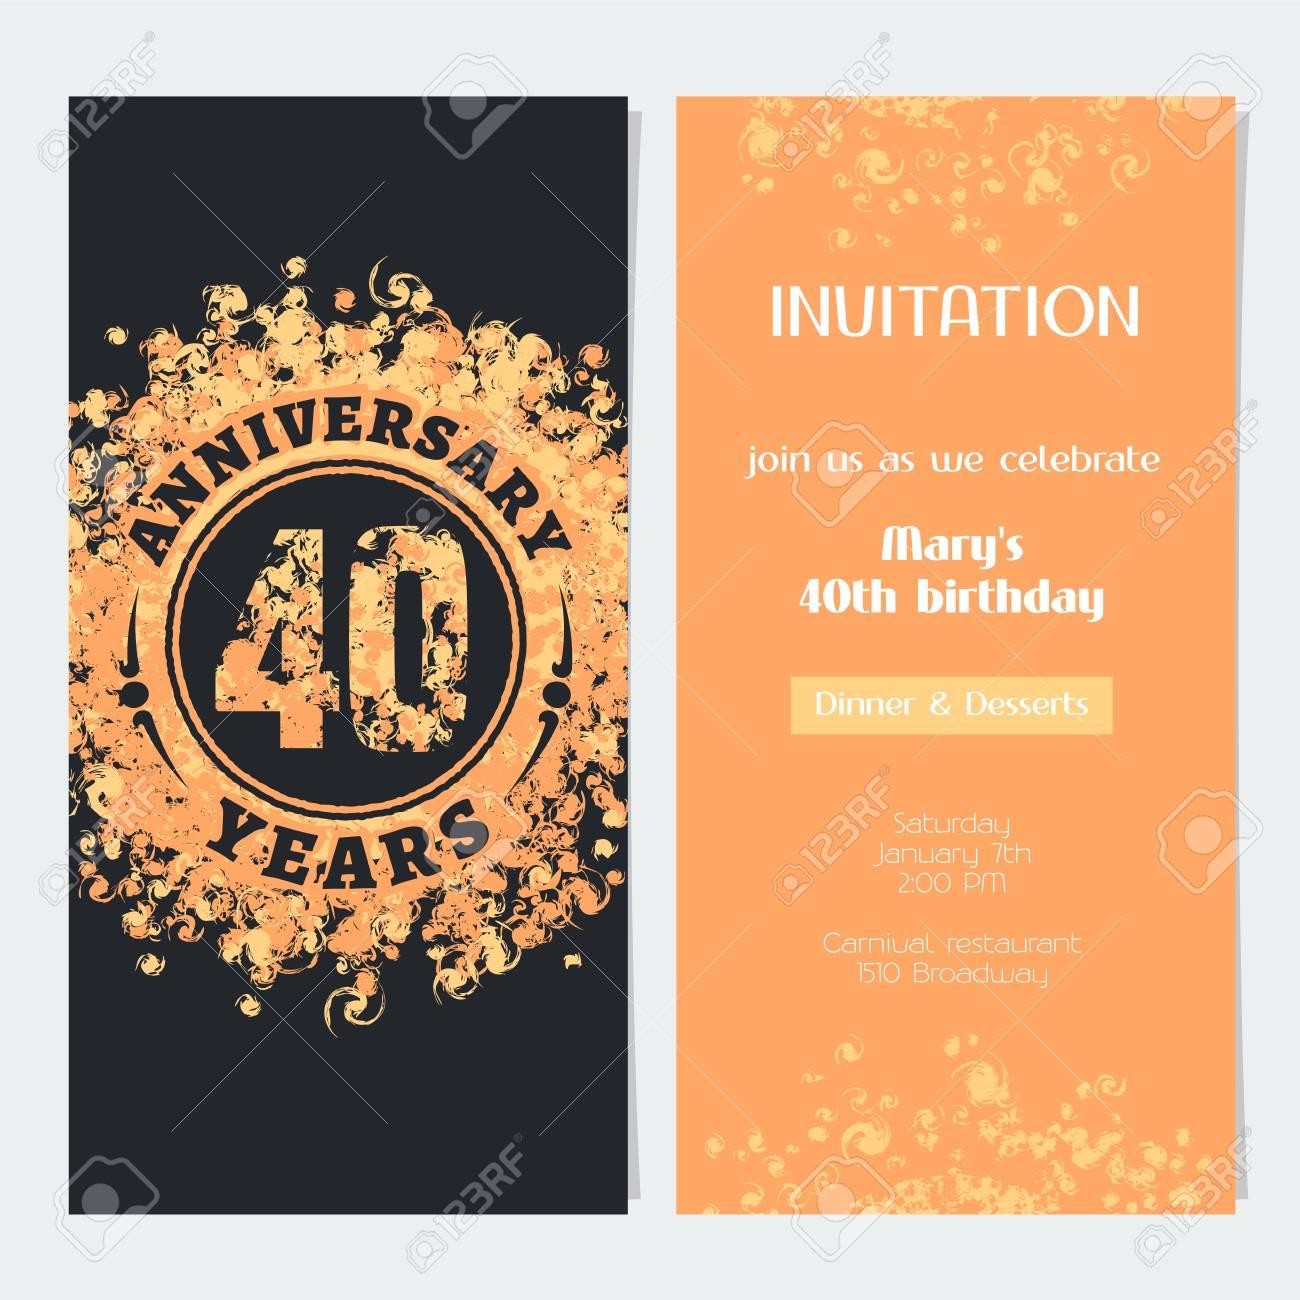 invitation anniversaire de 40 ans a l illustration vectorielle de celebration evenement element de design avec numero de couleur or et texte pour la